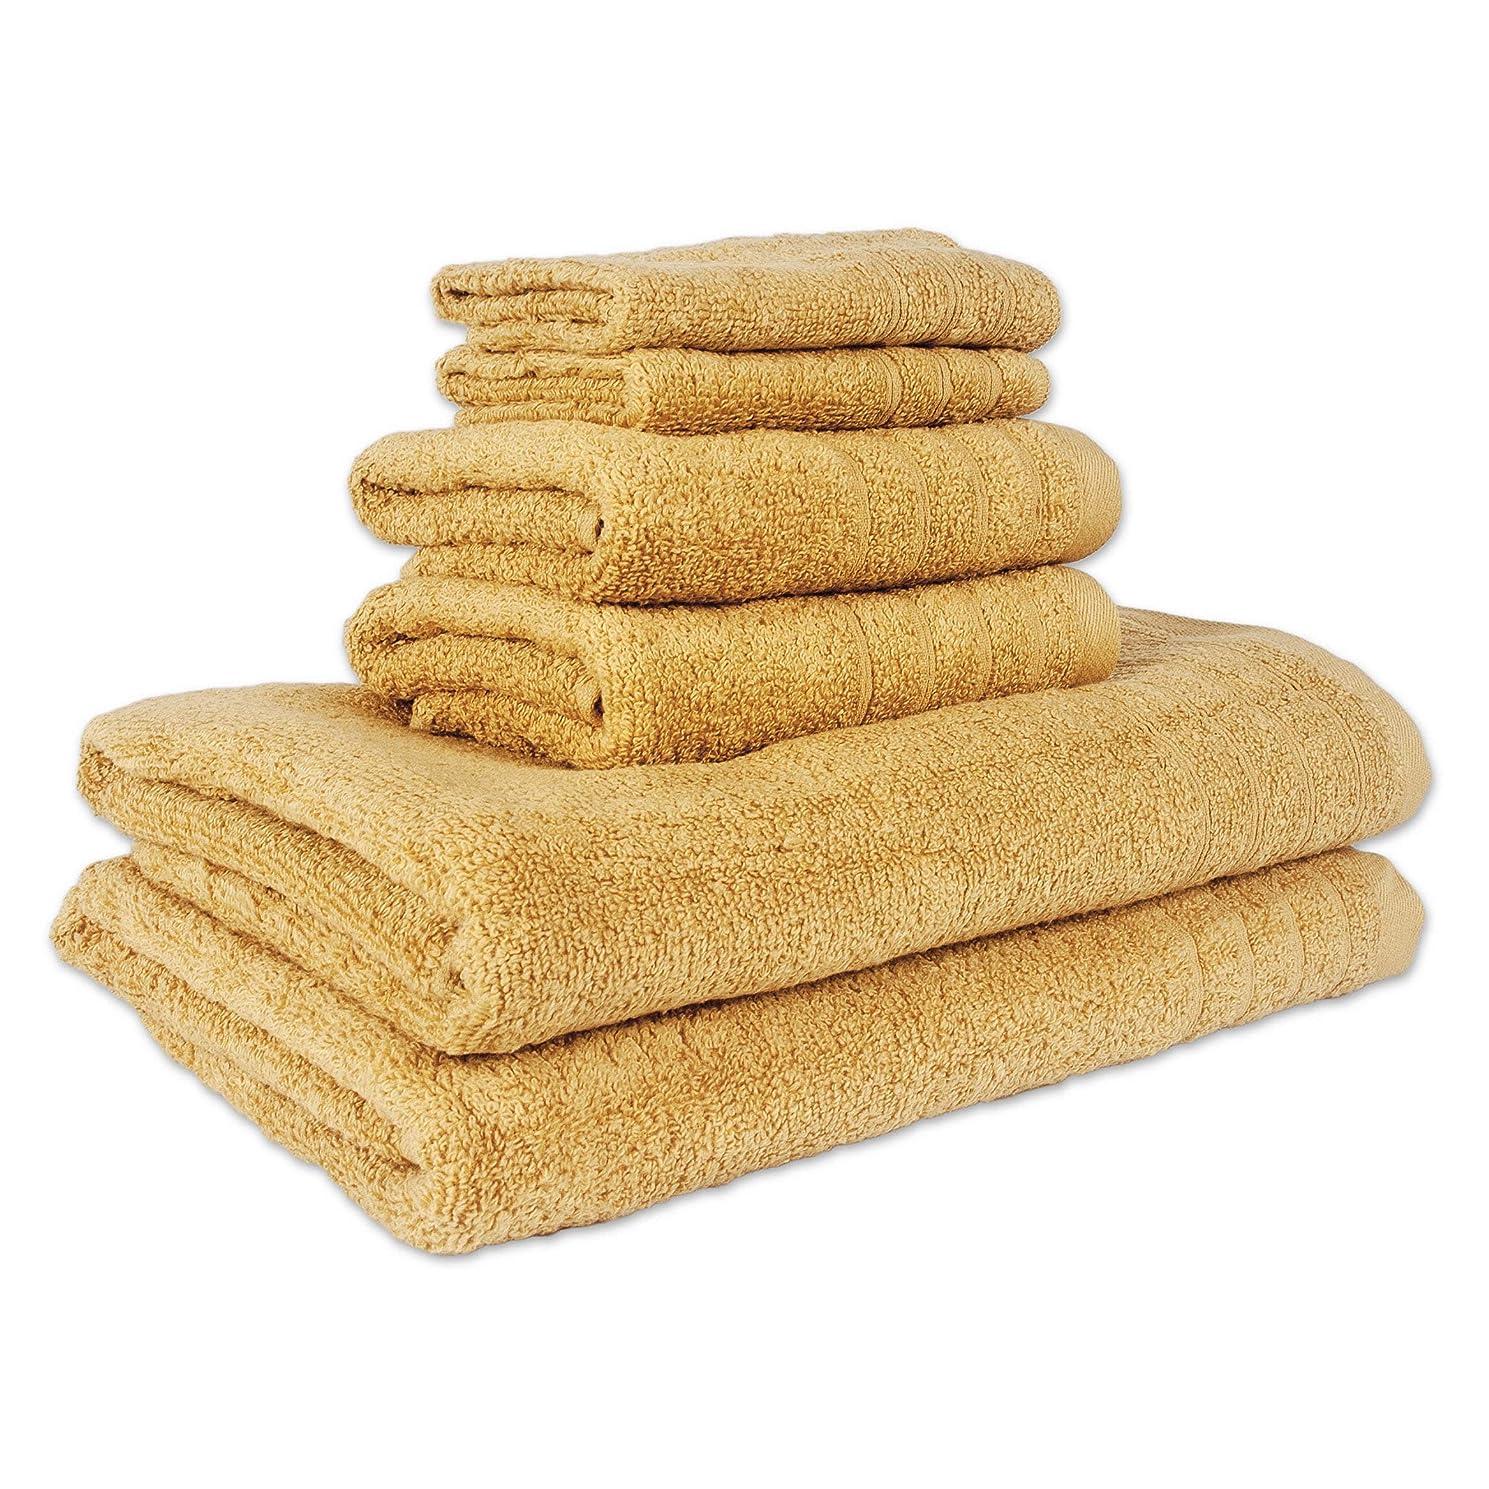 アクセサリーの慈悲で撤回するRegal Textiles Aire Lite Lux 6枚セット( 2-bath、2-hand、2-wash ) ゴールド 90-3158-464